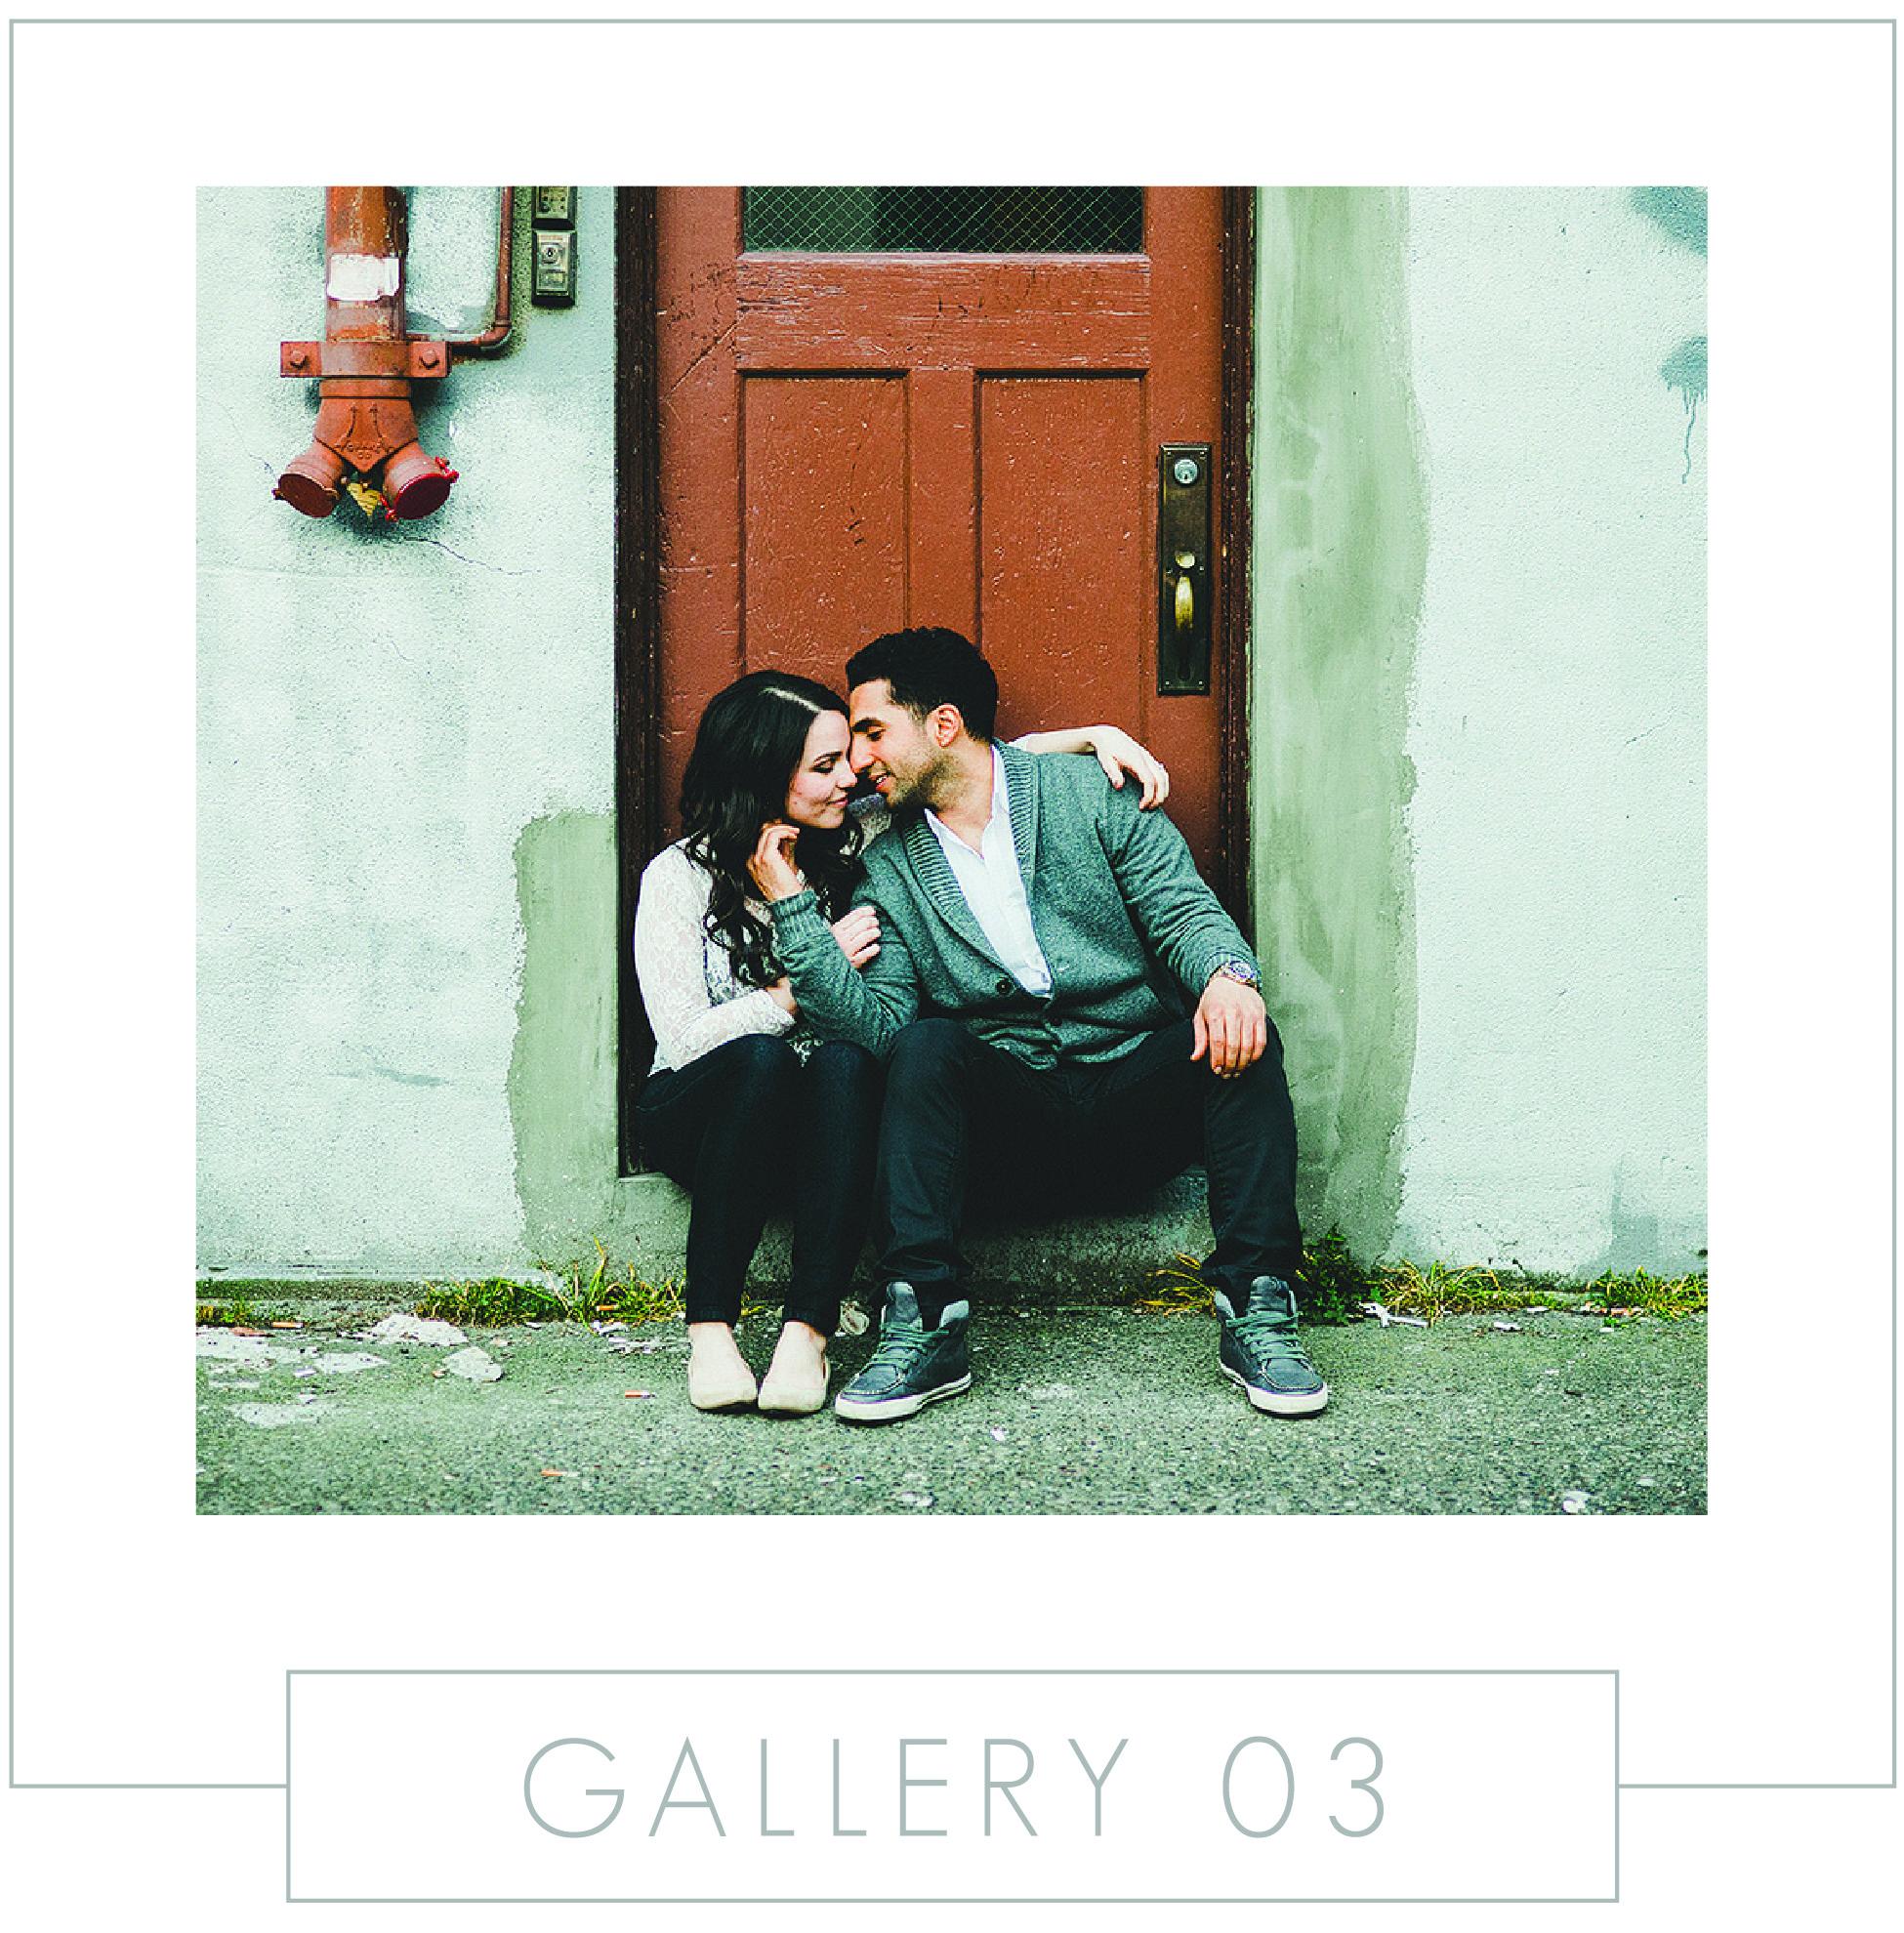 gallery03.jpg